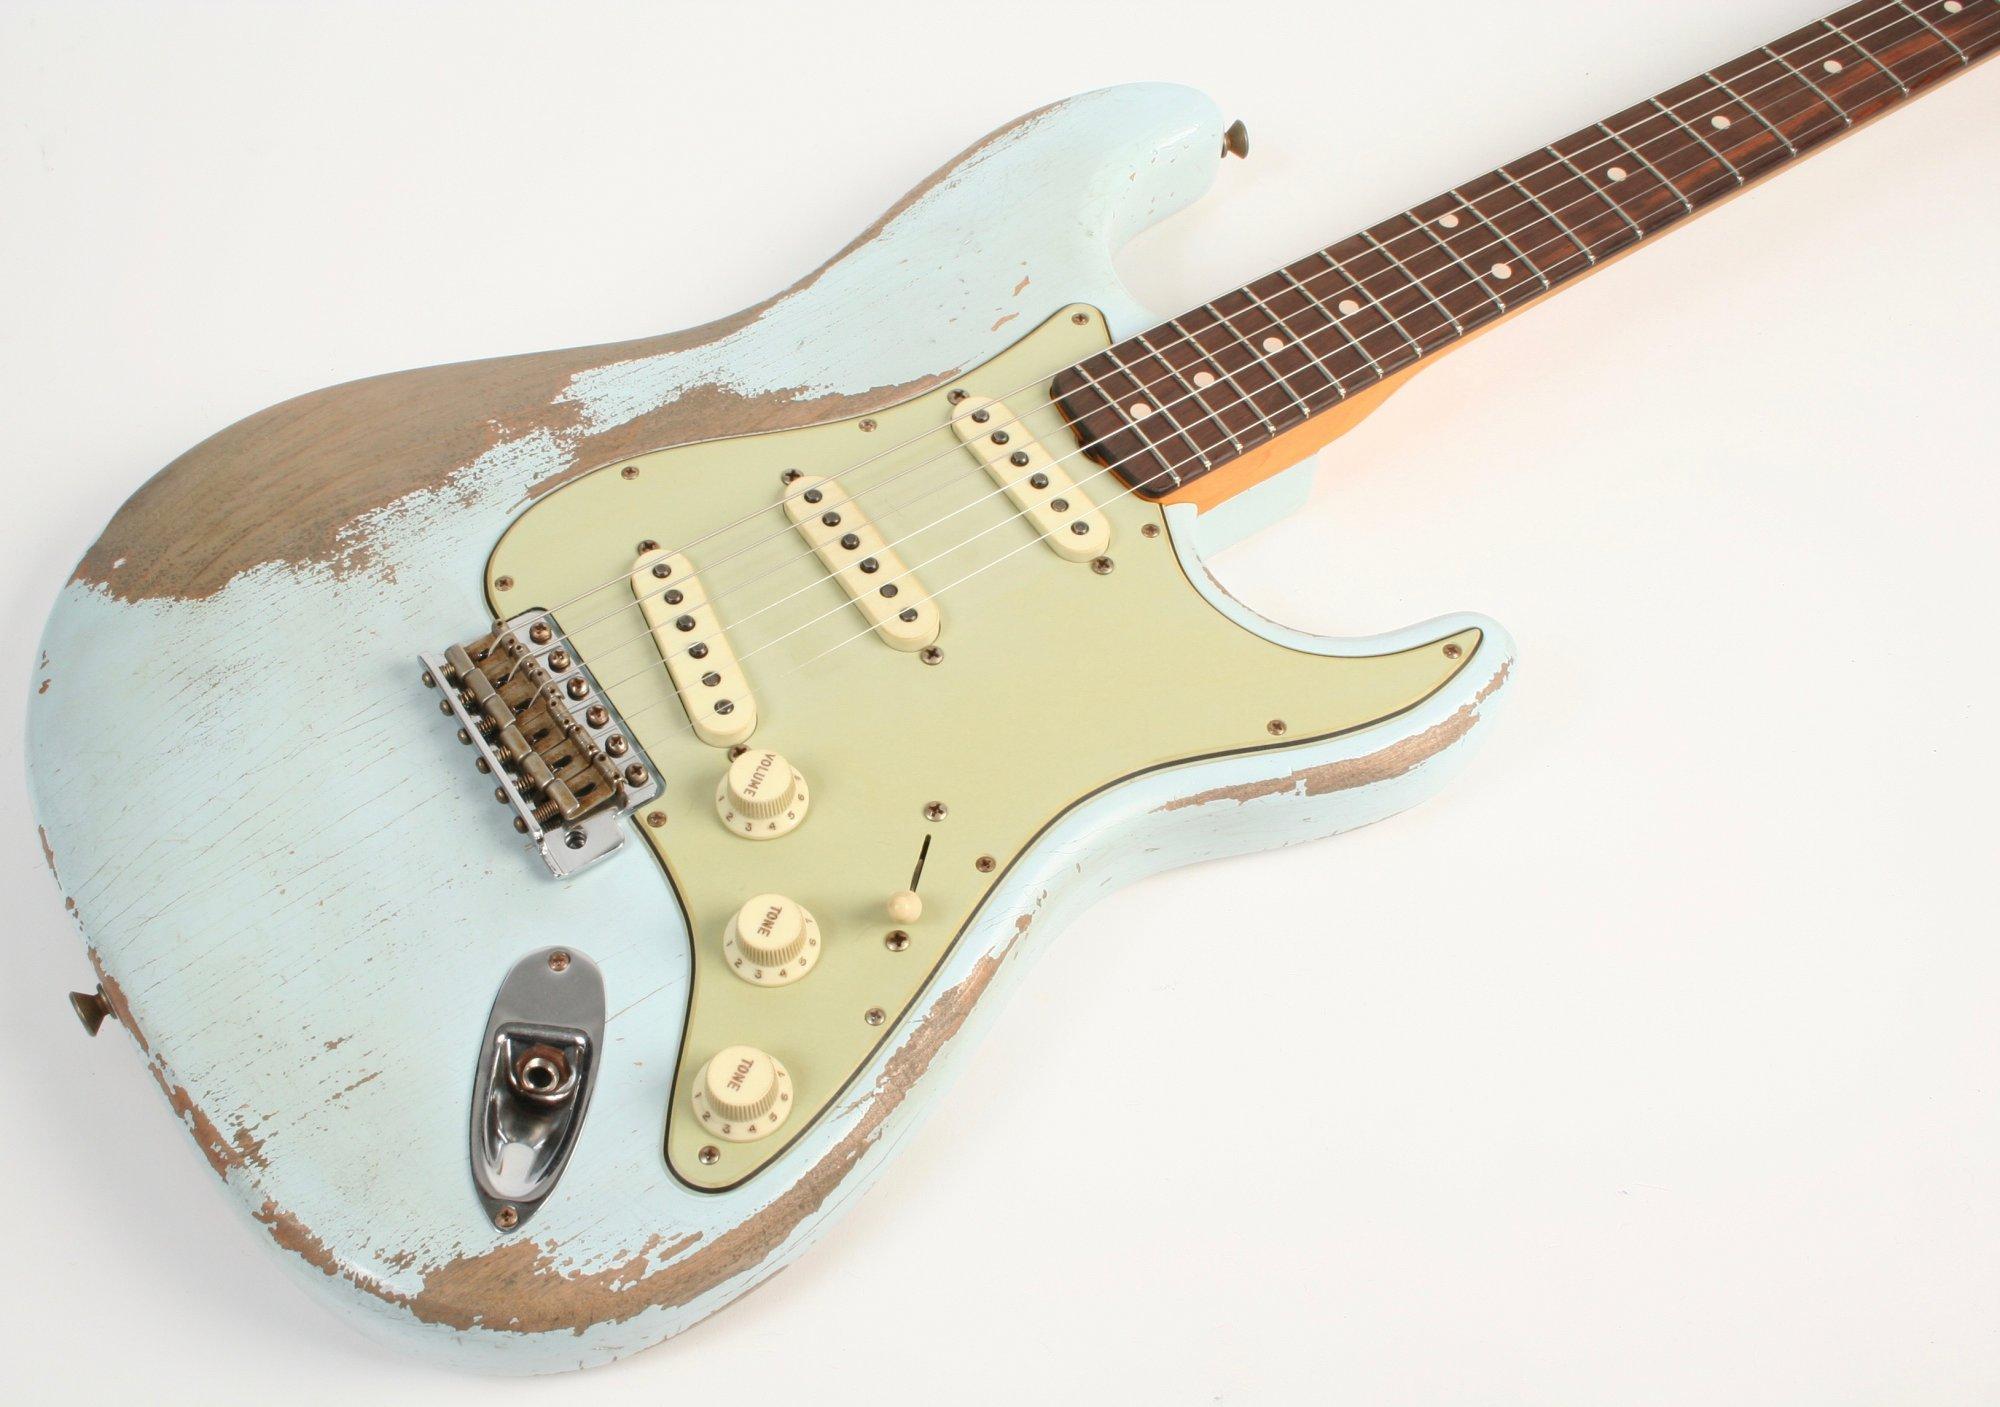 Fender Custom Shop Masterbuilt Greg Fessler 1960 Stratocaster Sonic Blue Brazilian Rosewood Fretboard MBGF